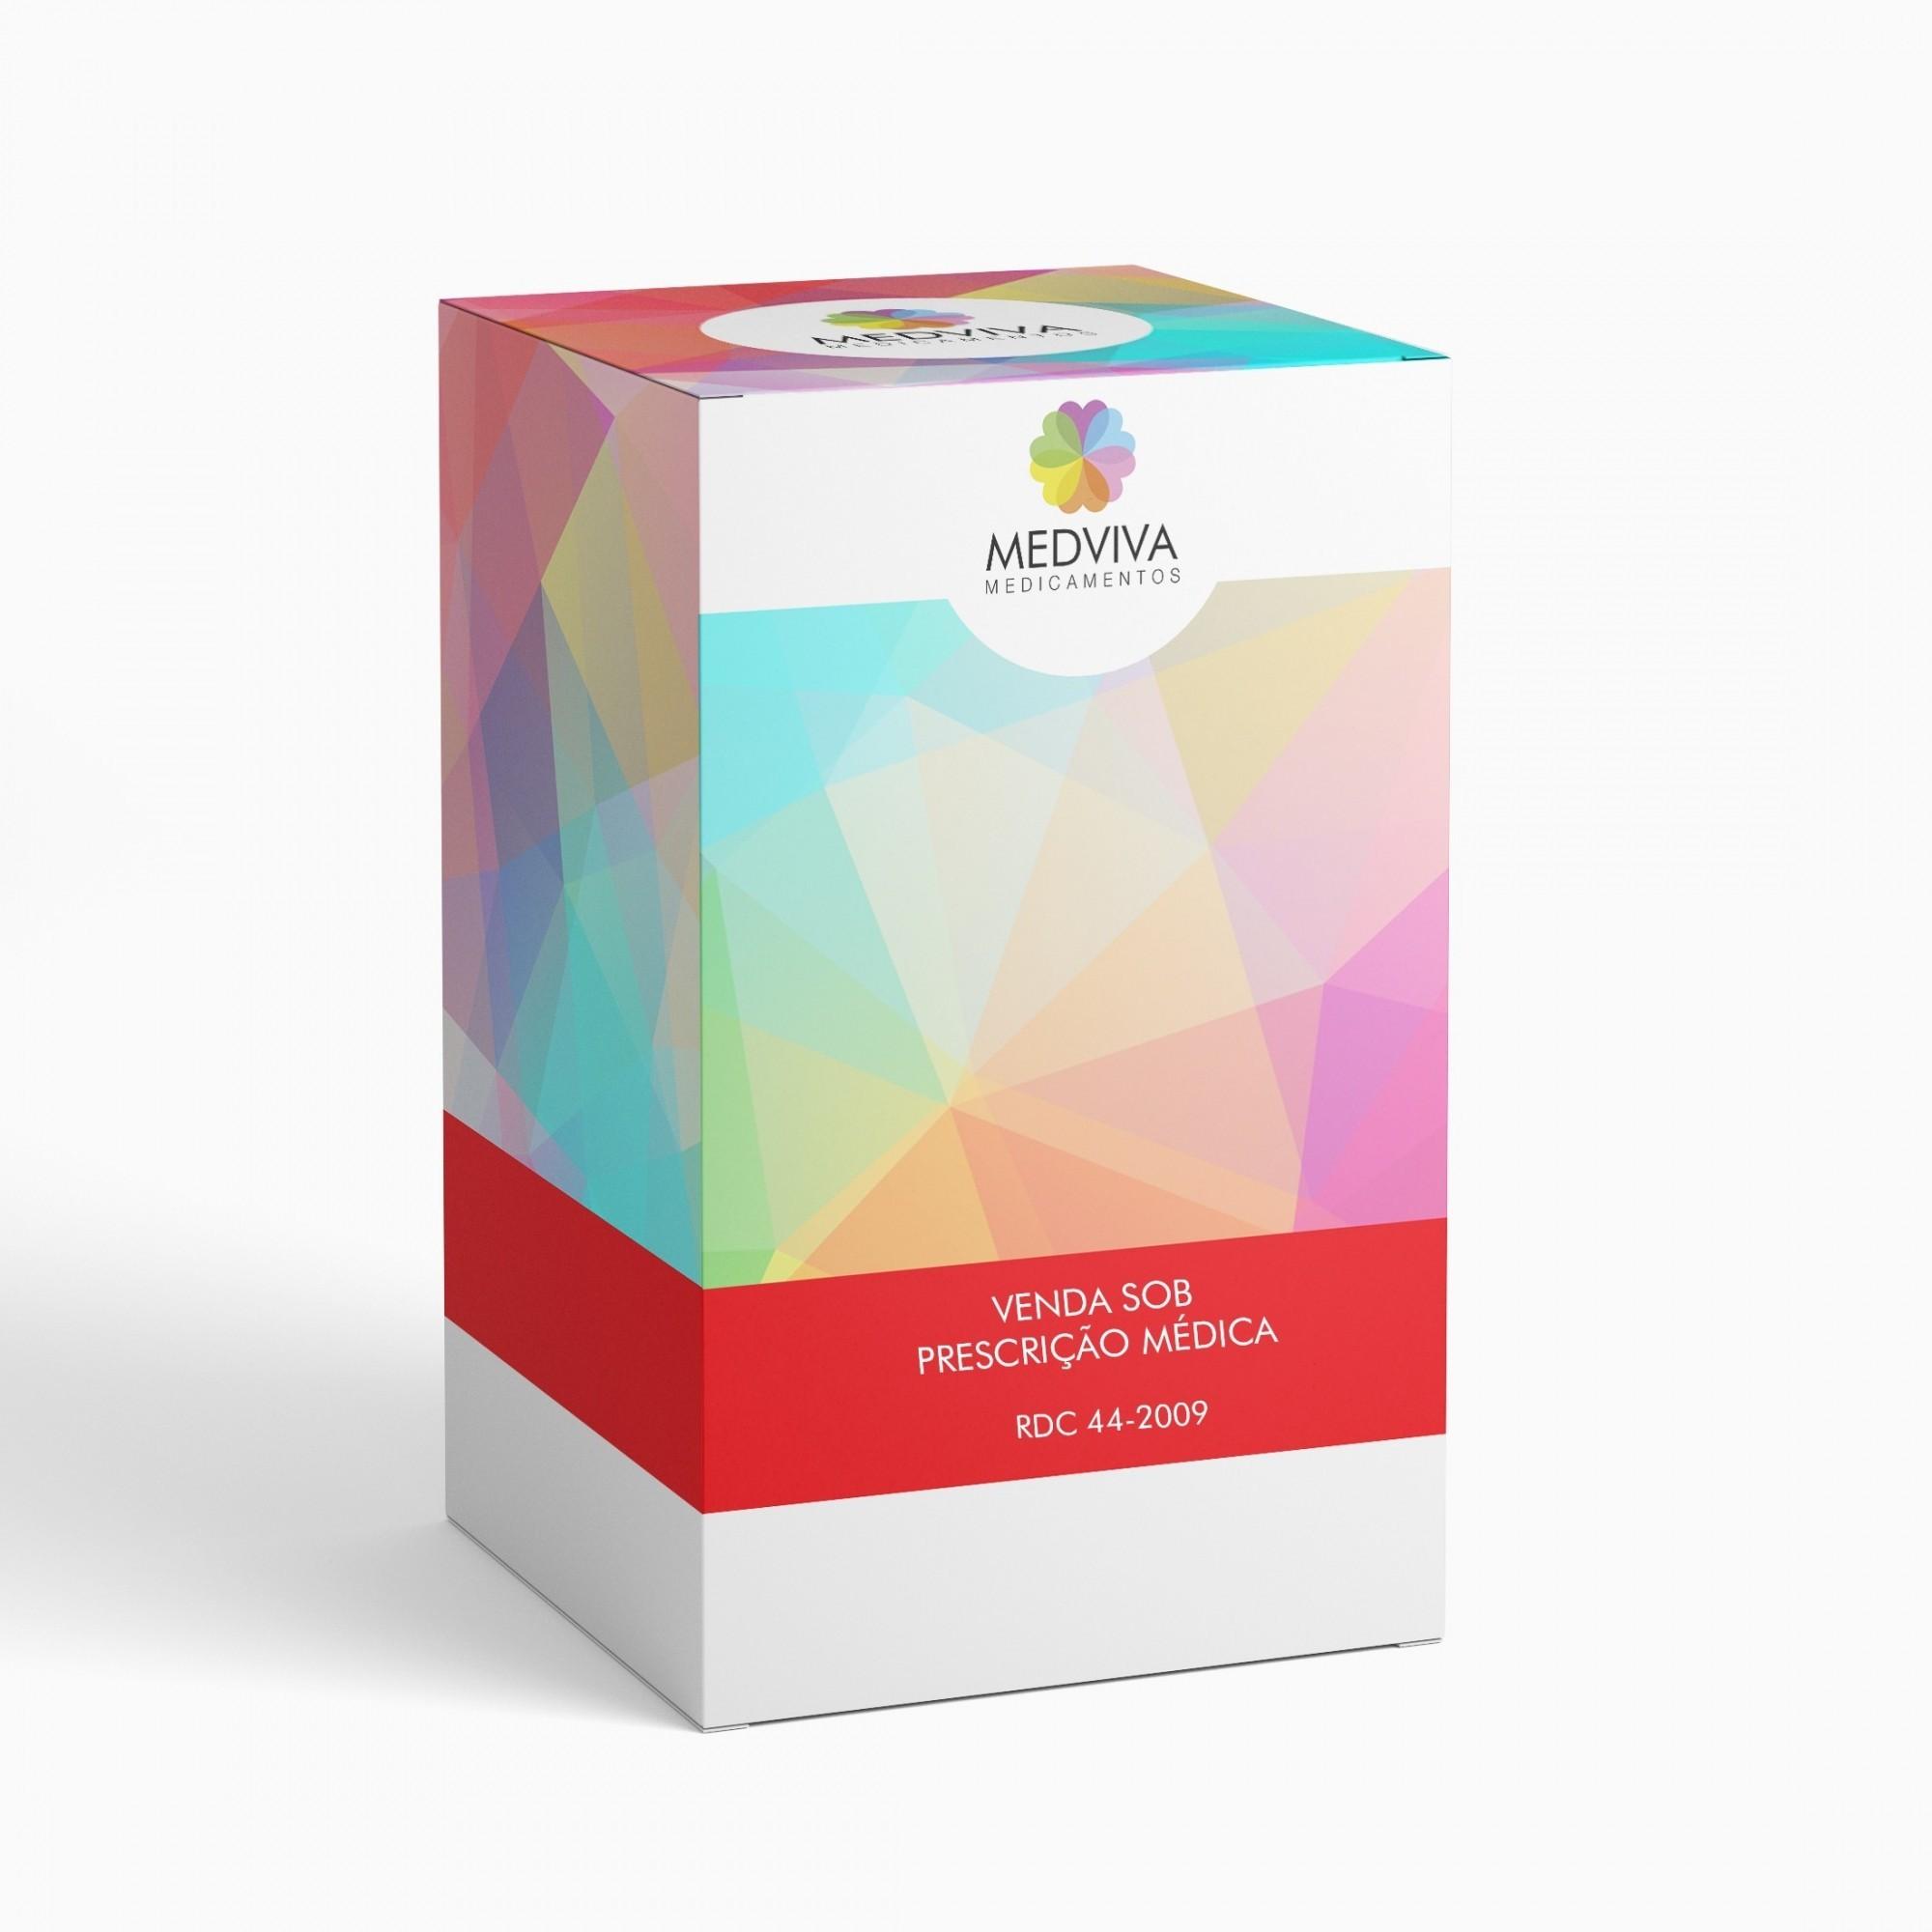 Metoprolol Succinato 100mg 30 Comprimidos Medley